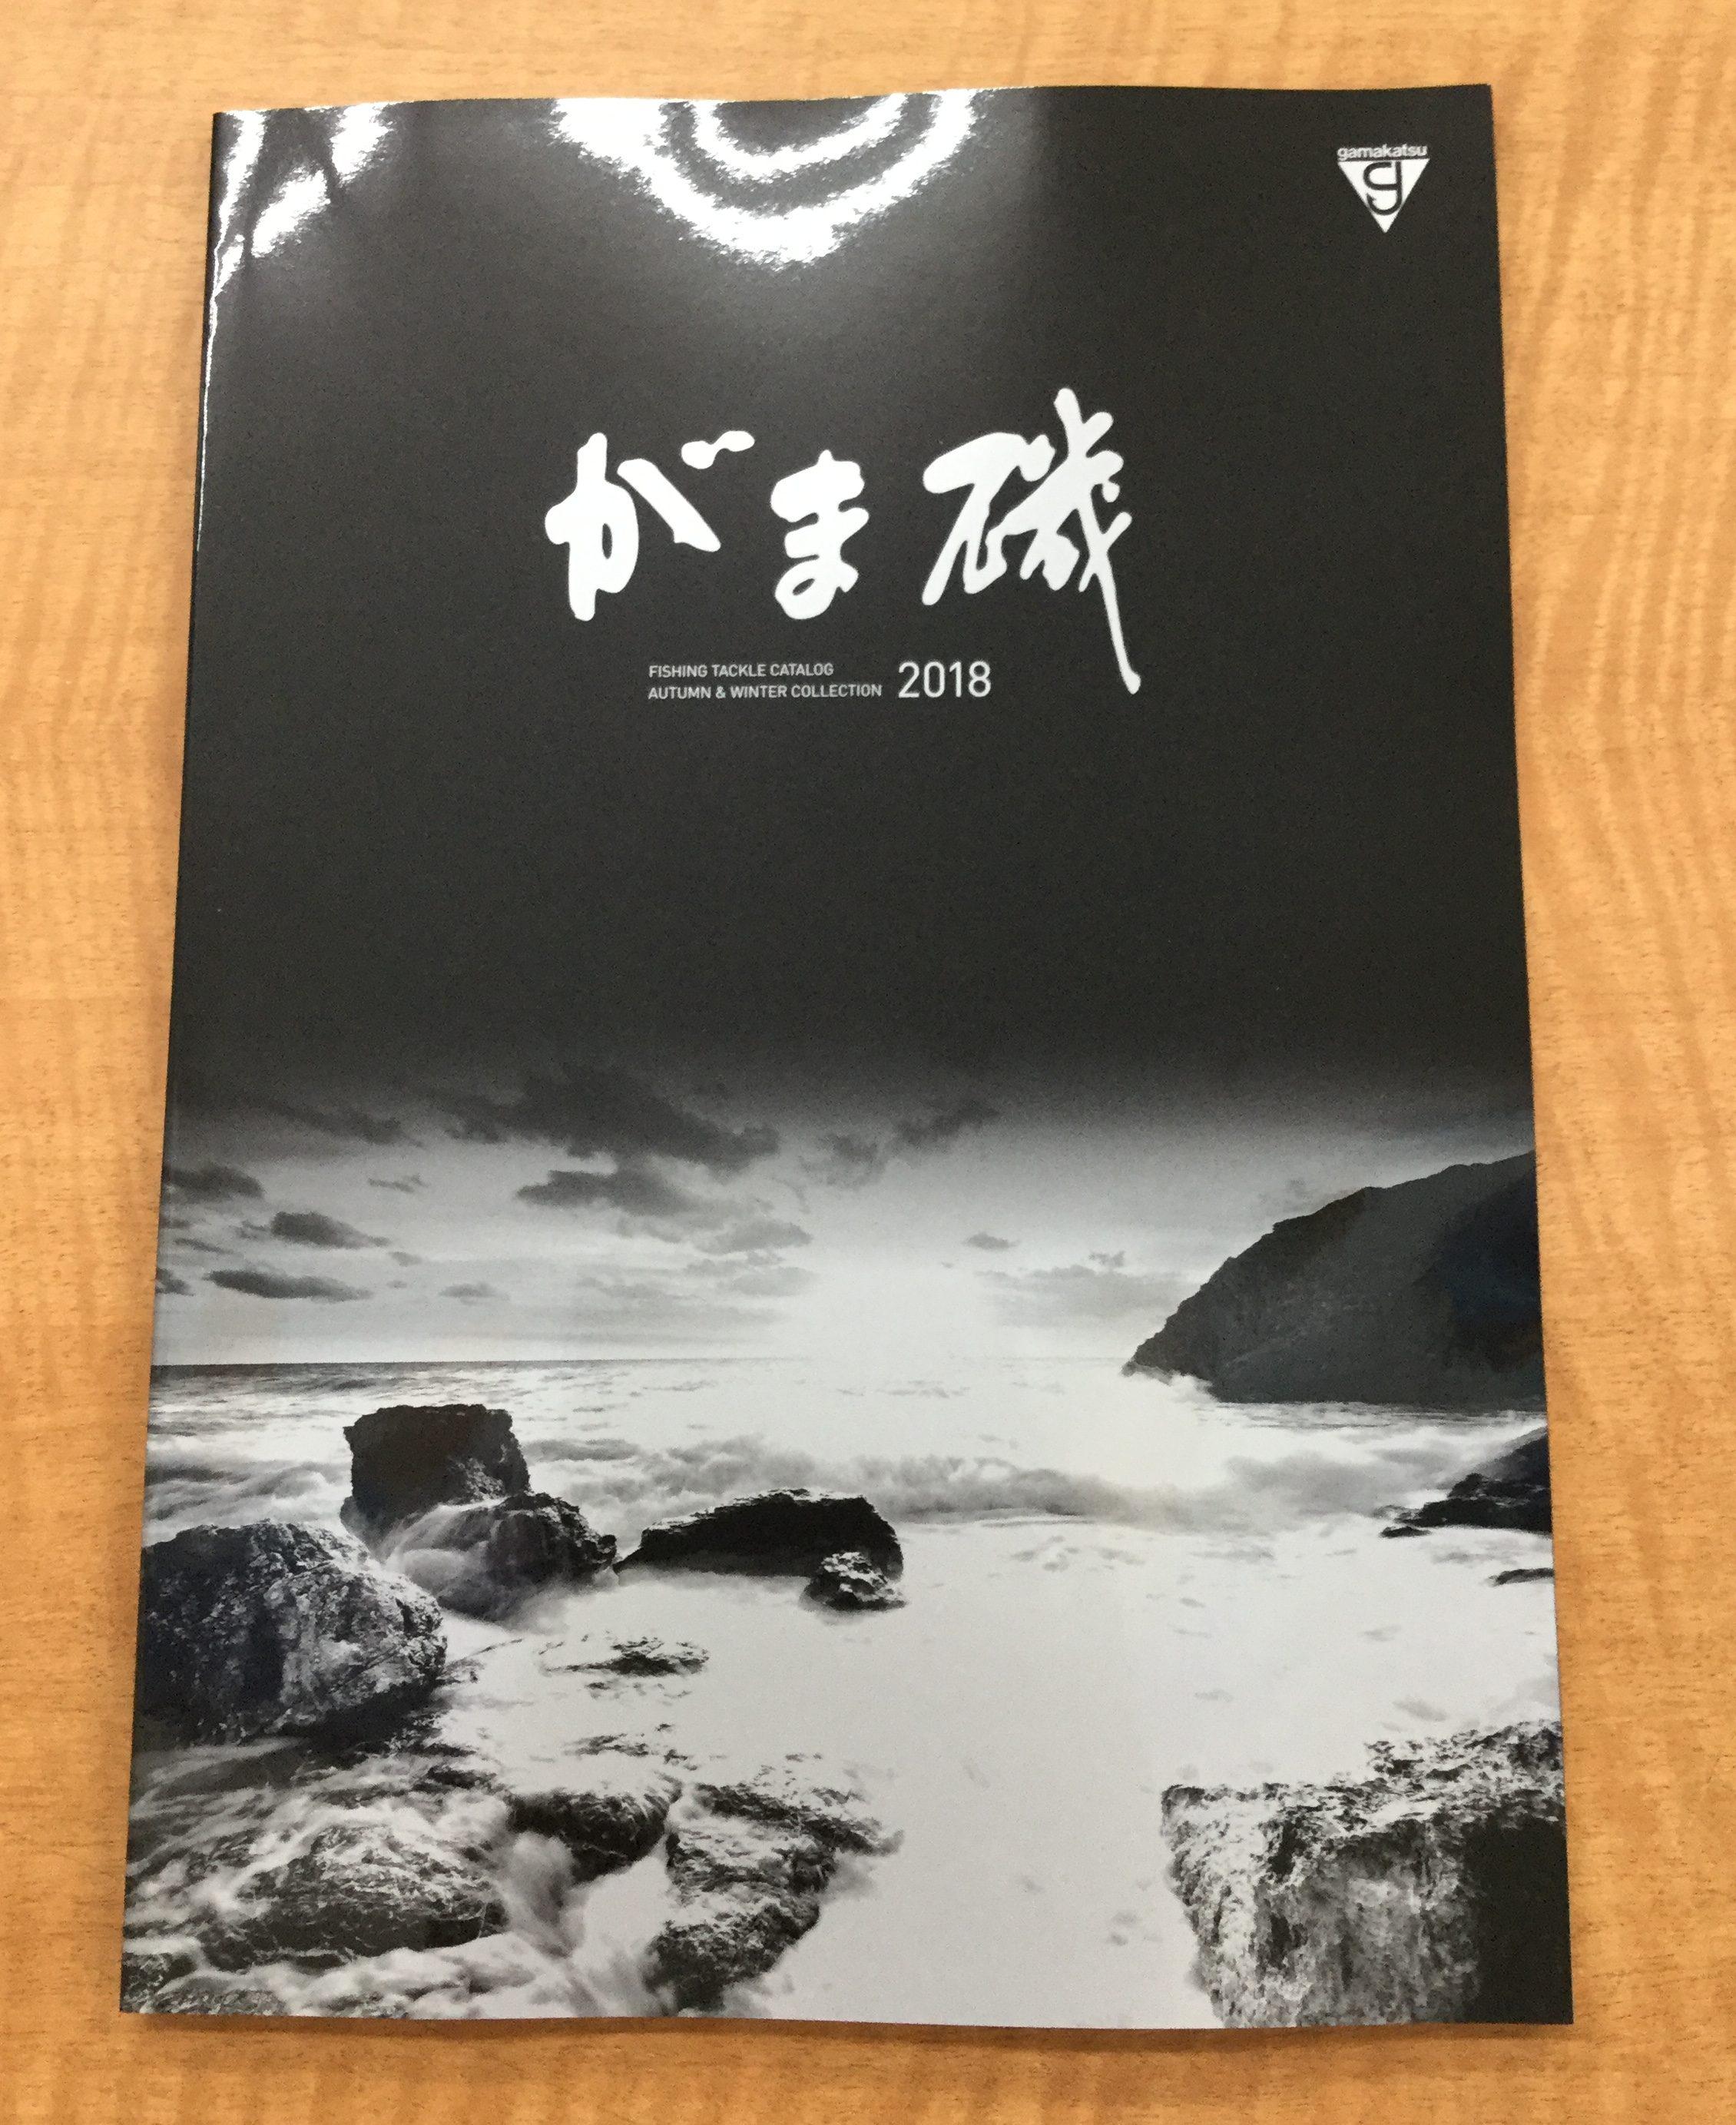 NEWカタログ入荷!がまかつ『2018 がまかつ秋磯カタログ』